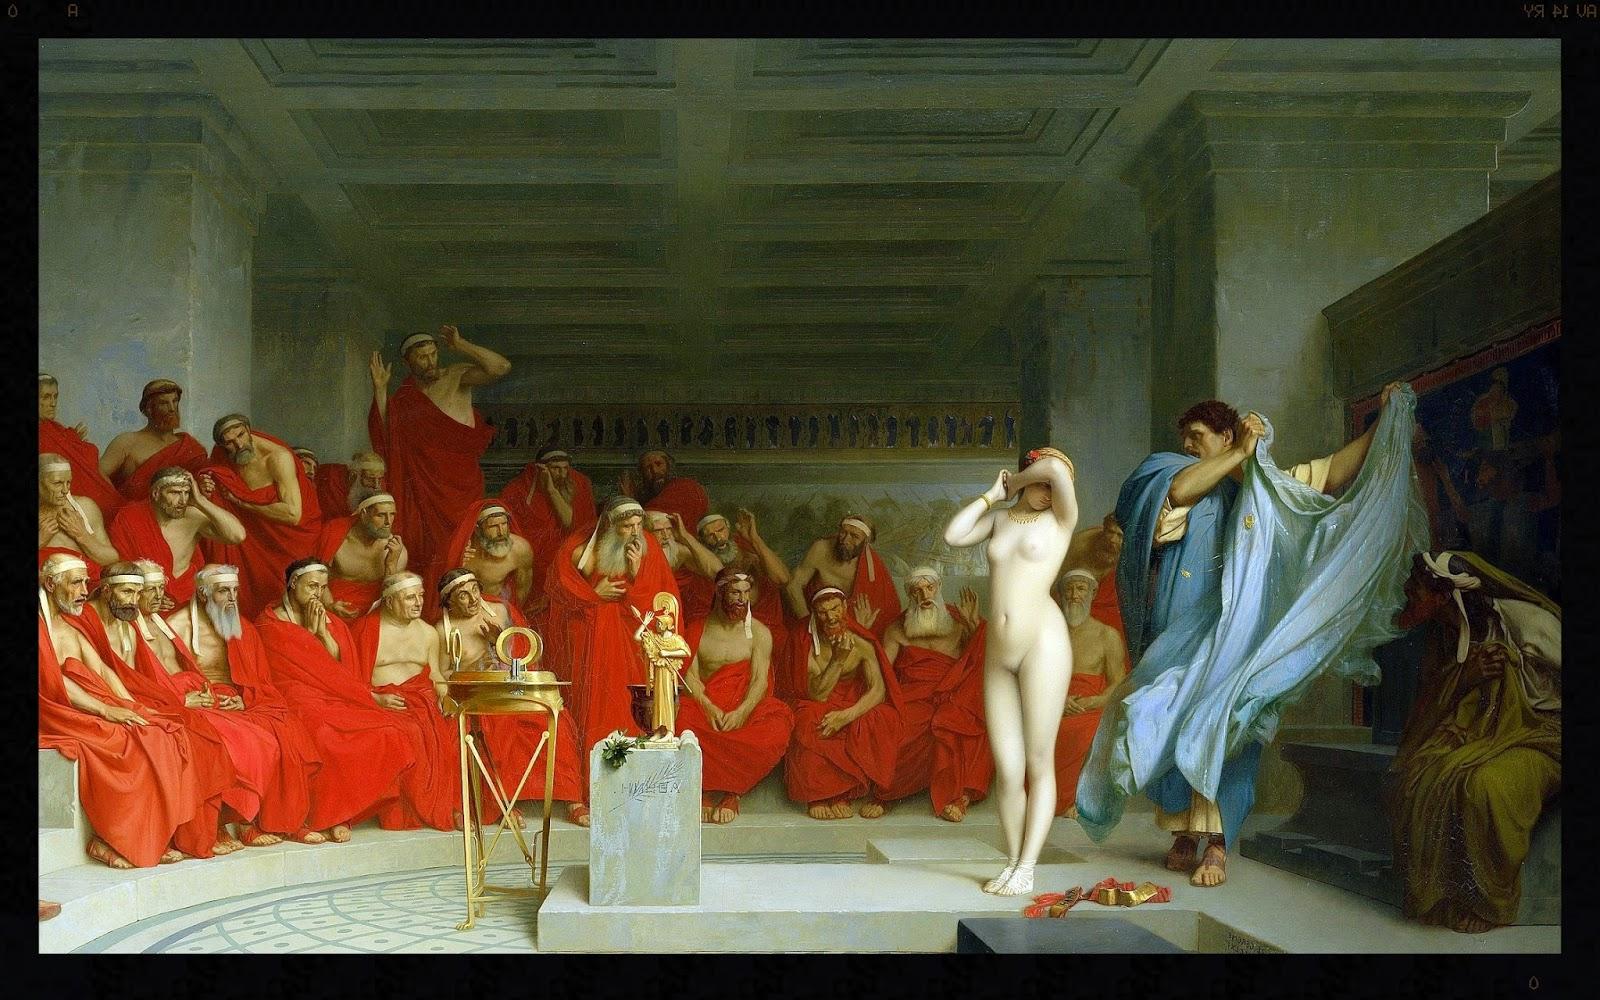 prostitutas pintura curso para prostitutas